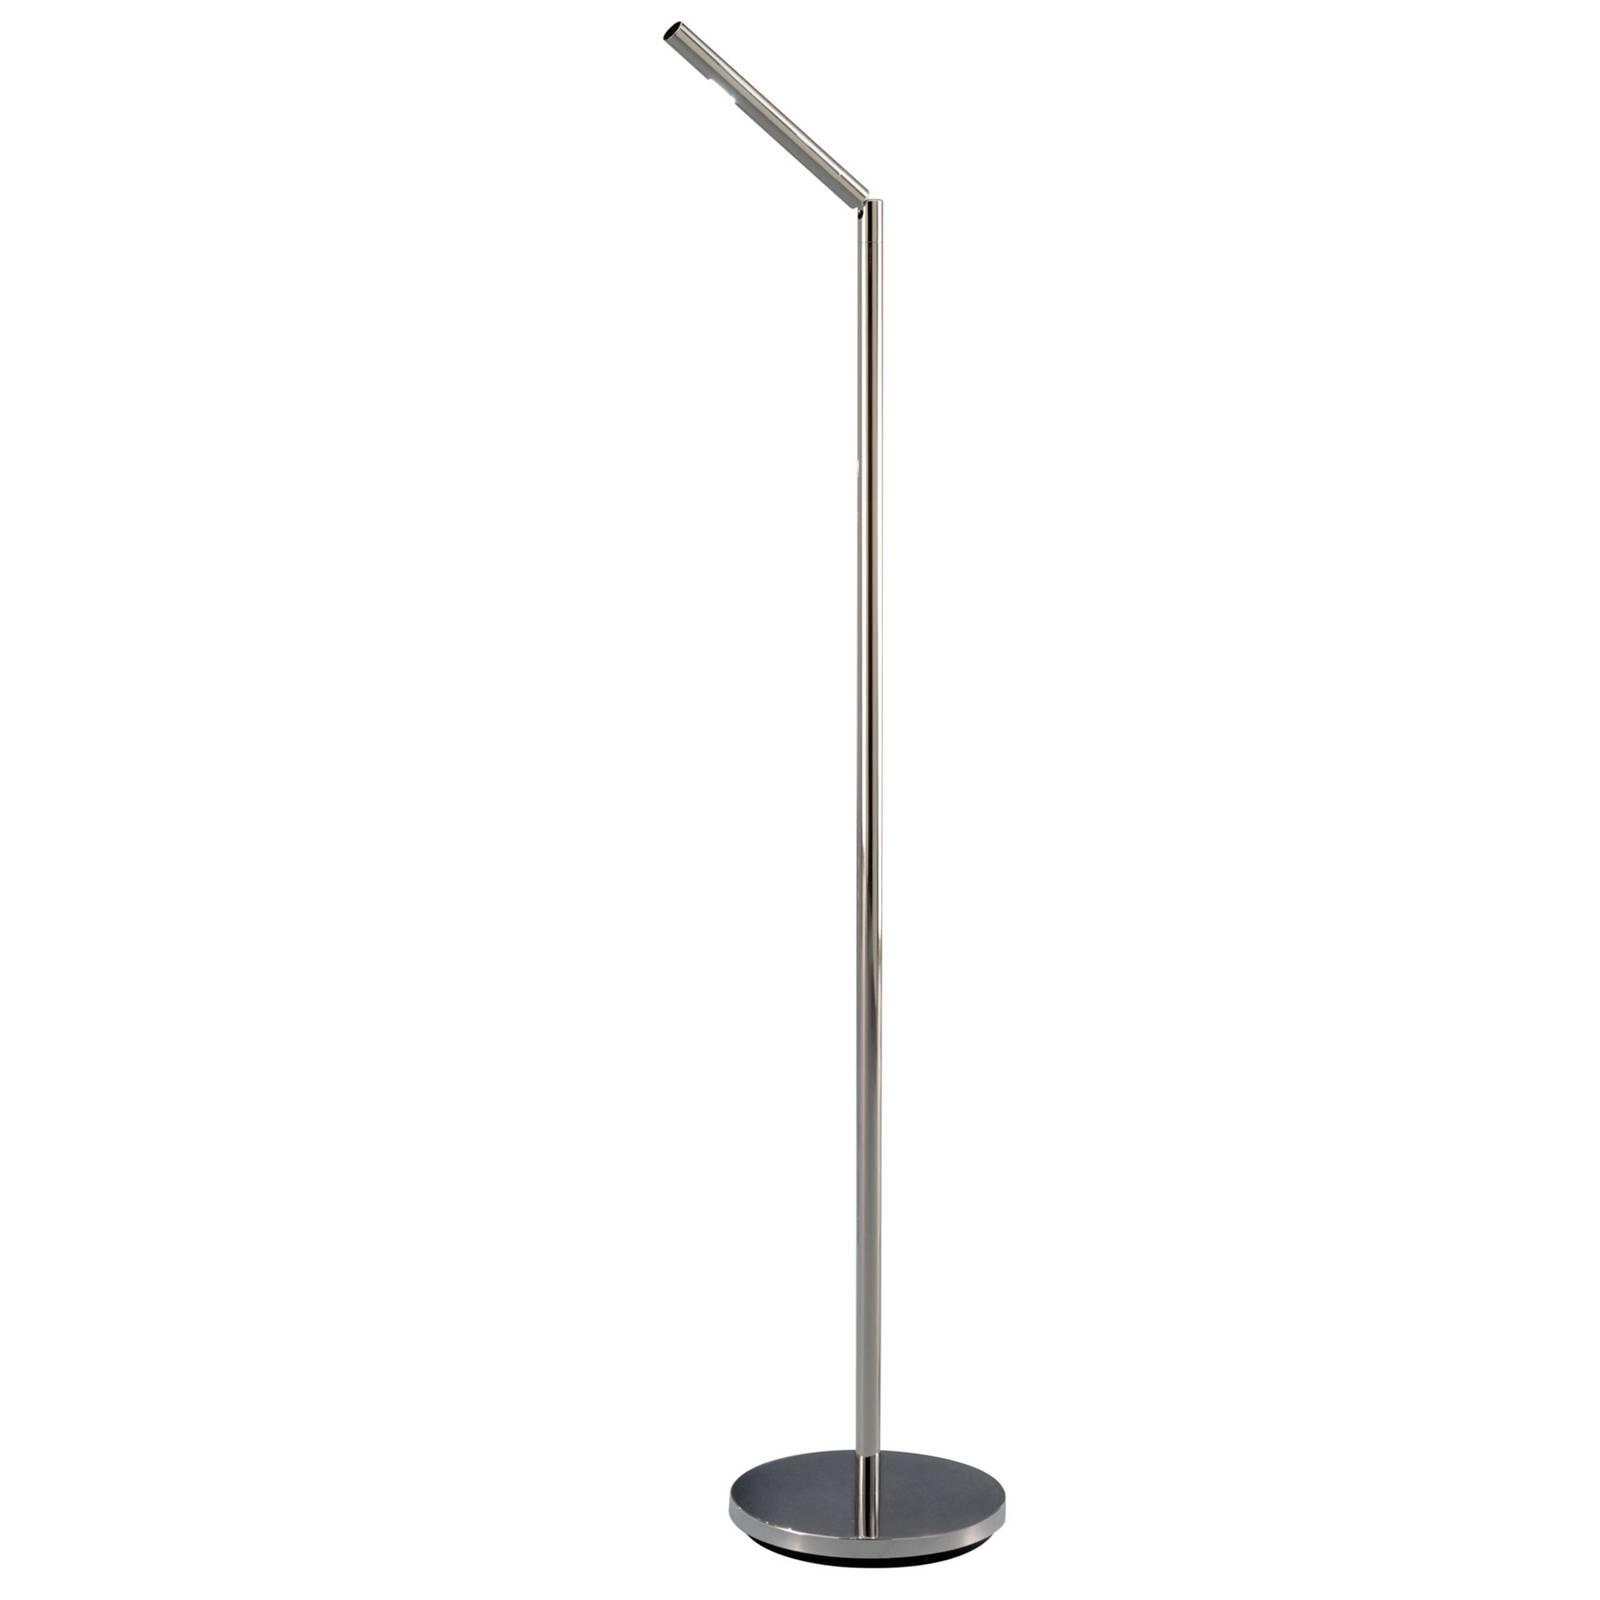 Baulmann 24.154 LED-Stehleuchte, nickel, drehbar